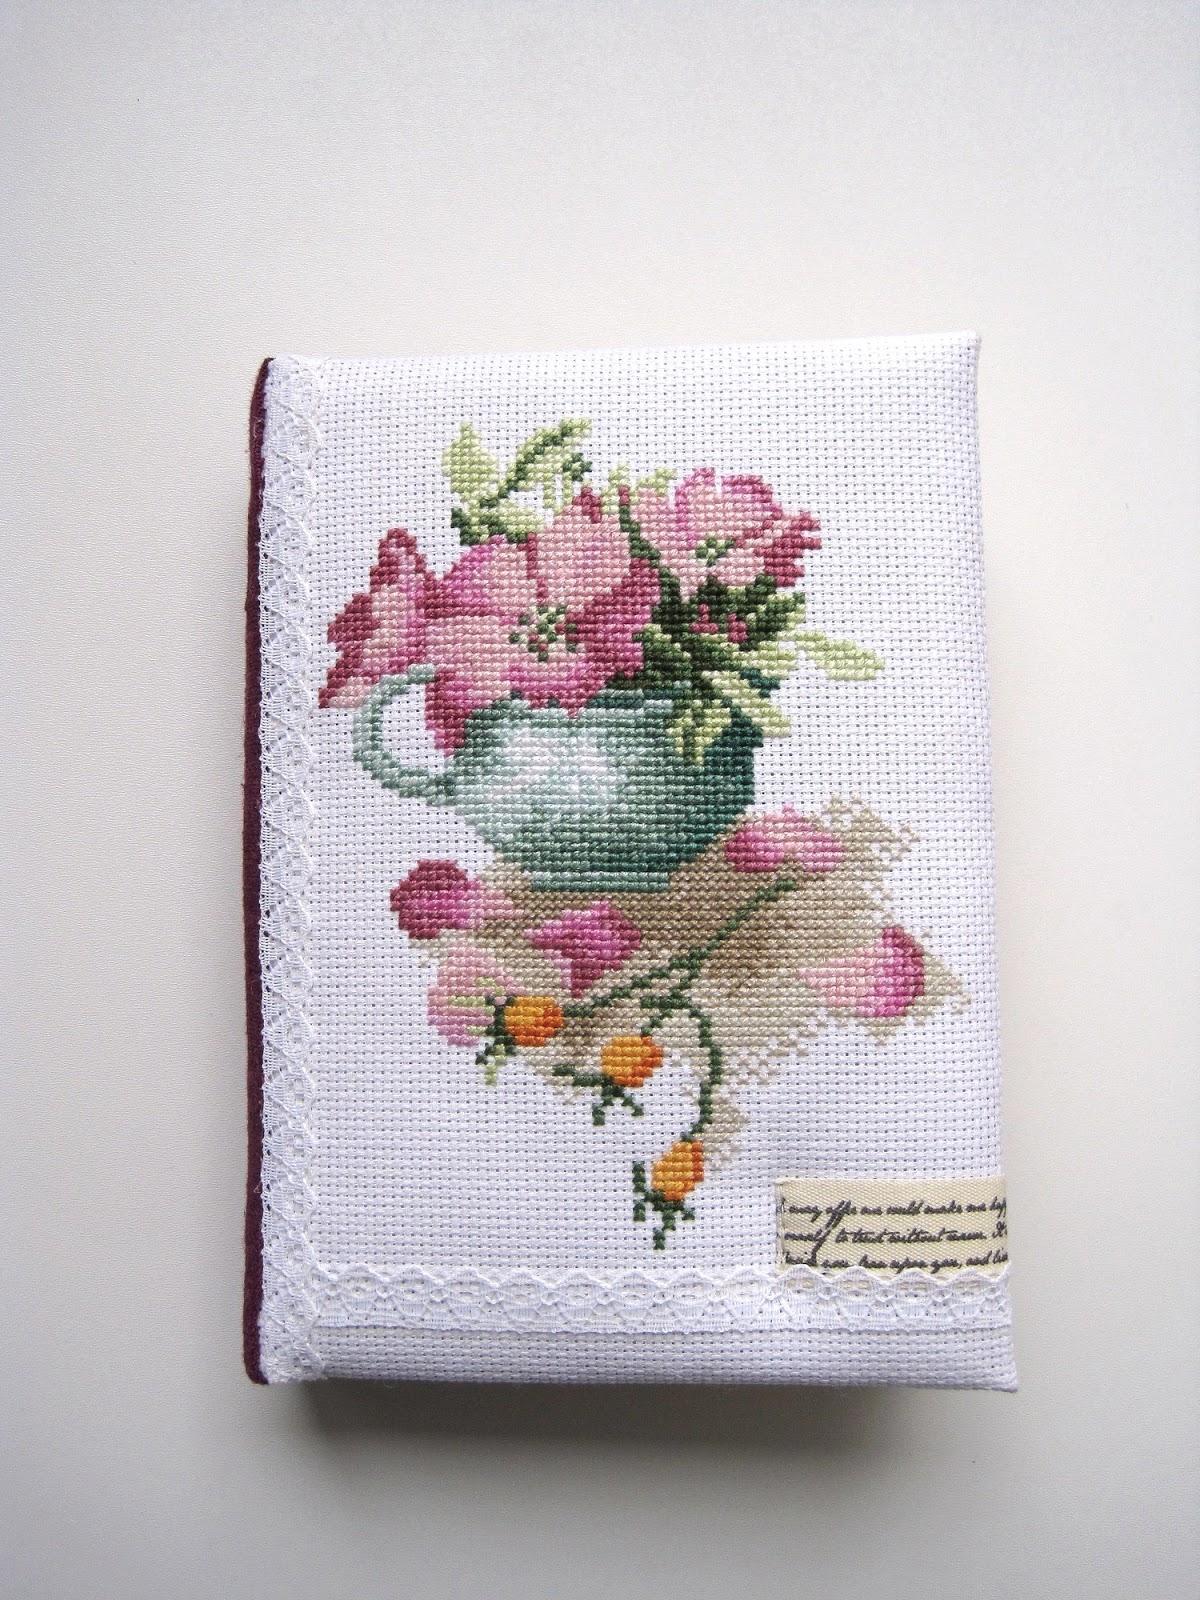 Опис пошуку Rose hips in a bowl Lanarte cross stitch вышивка крестиком блокнот ручной работы с нуля hand made notebook шиповник